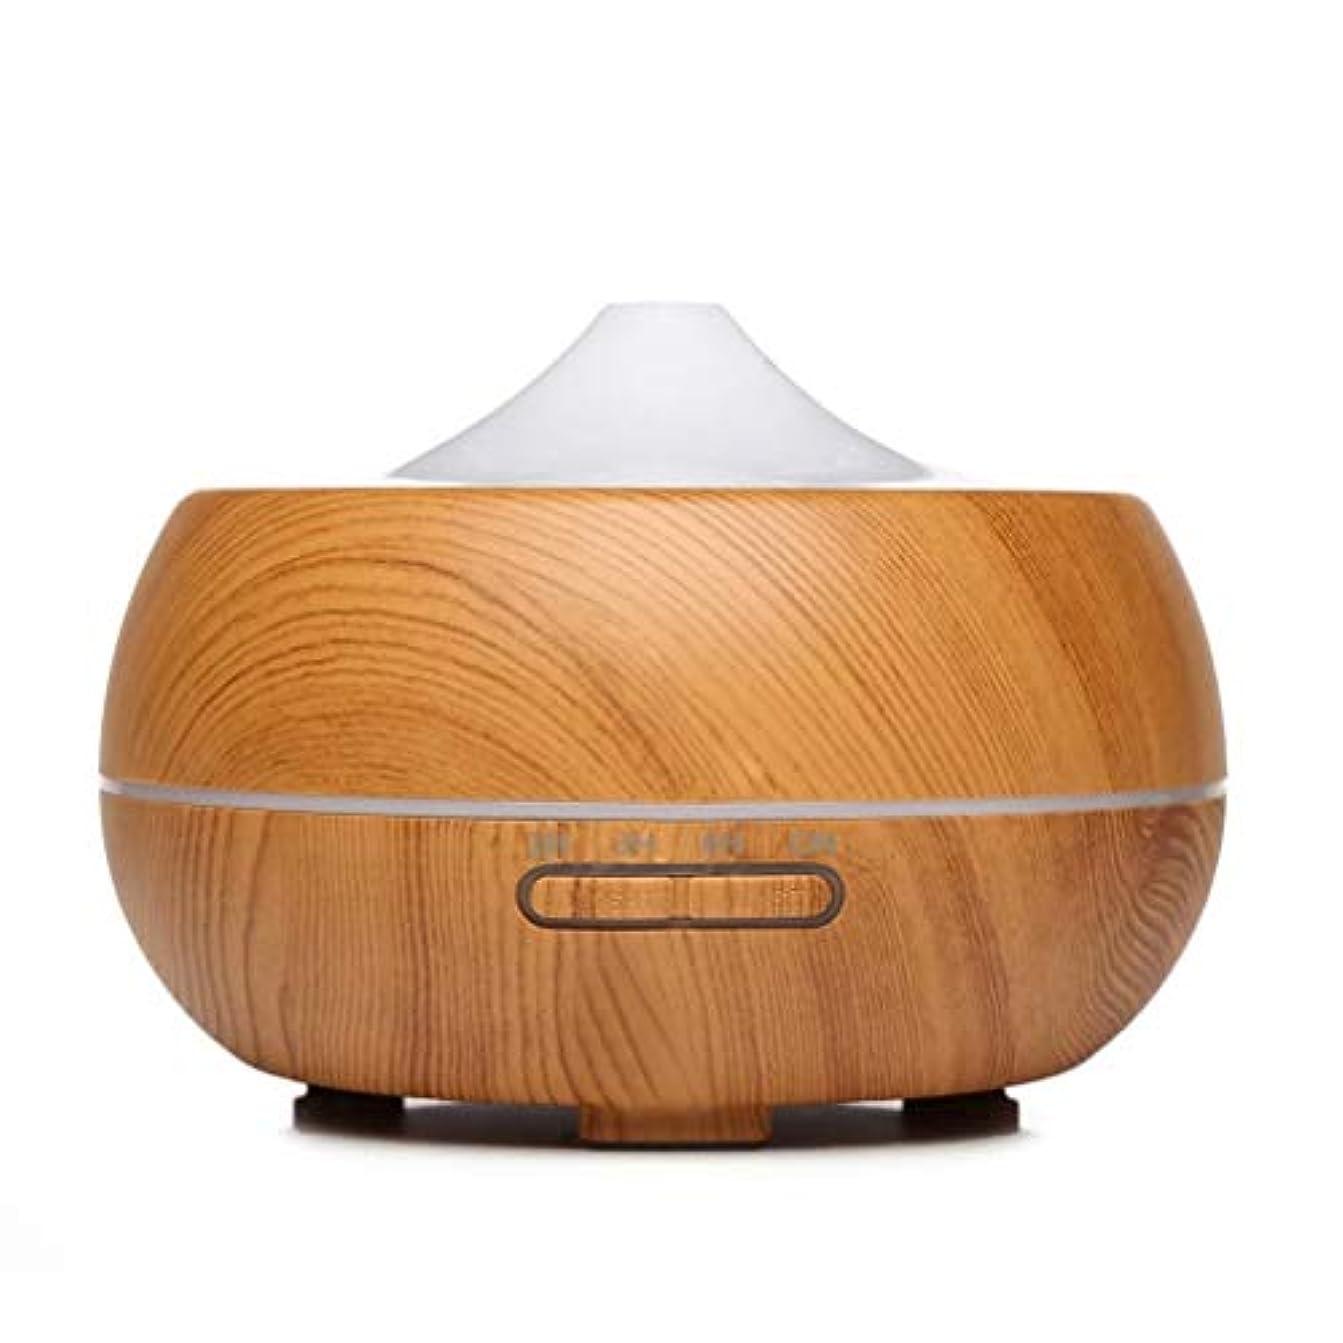 センチメートルエンゲージメント肘オイルディフューザーエッセンシャルオイル300ミリリットルエッセンシャルオイルディフューザー電動クールミスト加湿器空気清浄機ウォーターレスオートオフ空気清浄機 (Color : Light Wood Grain)